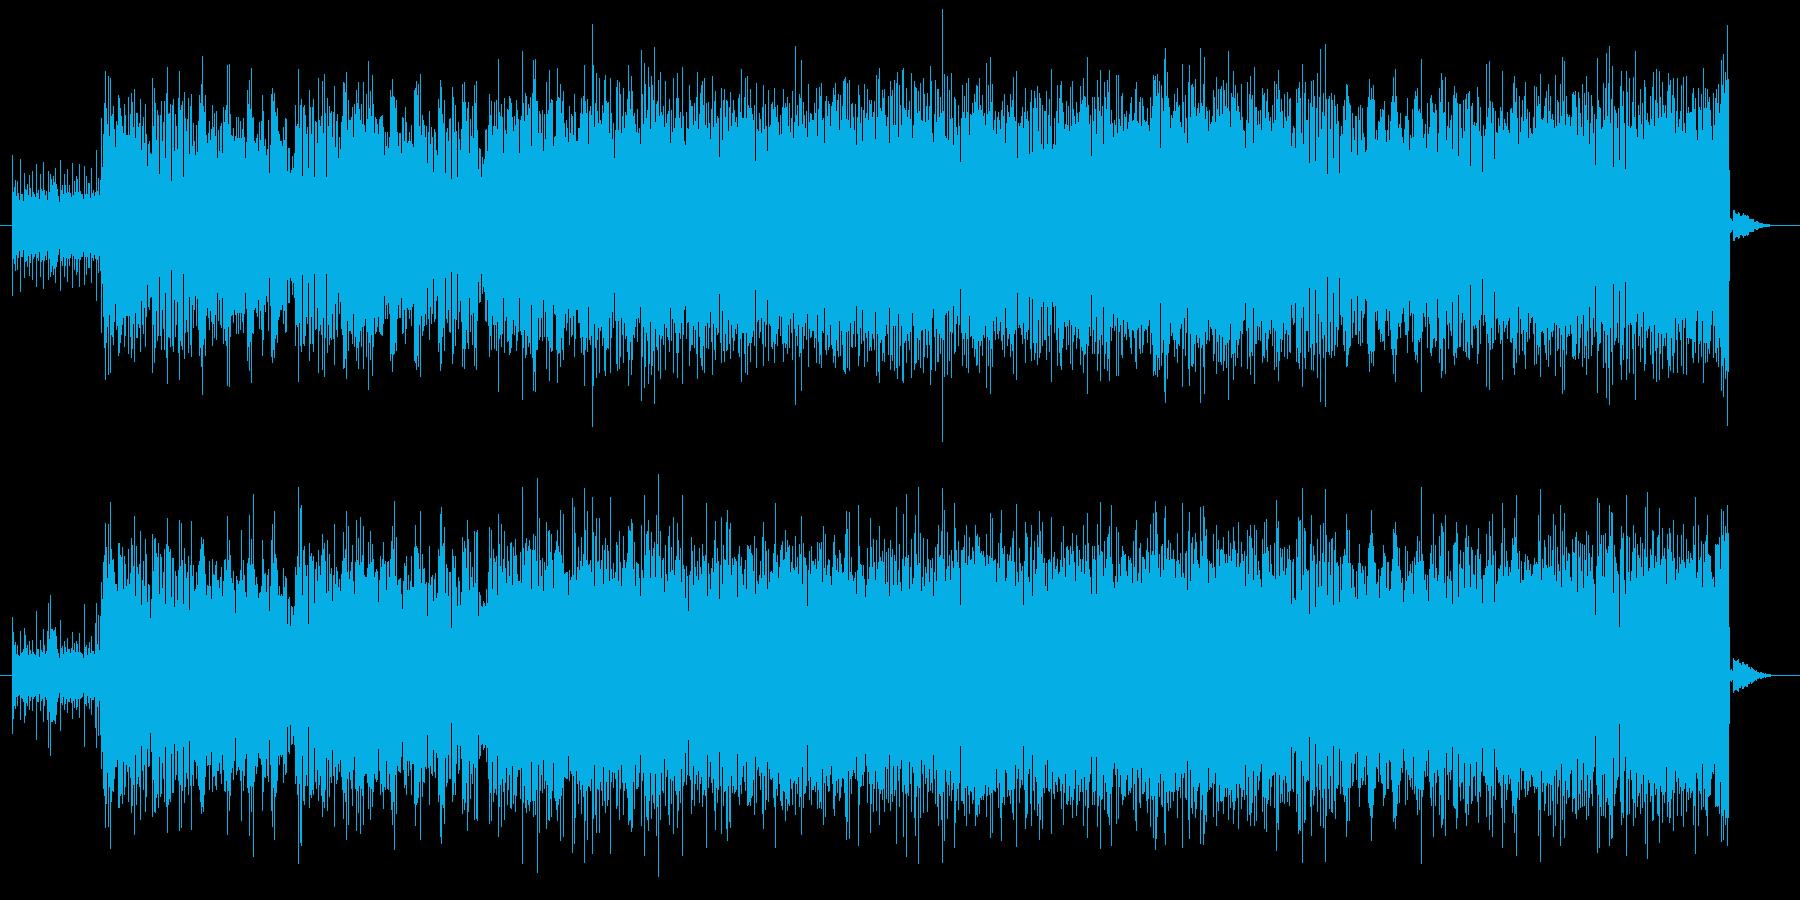 お洒落で軽快なリズムの大人イメージな楽…の再生済みの波形